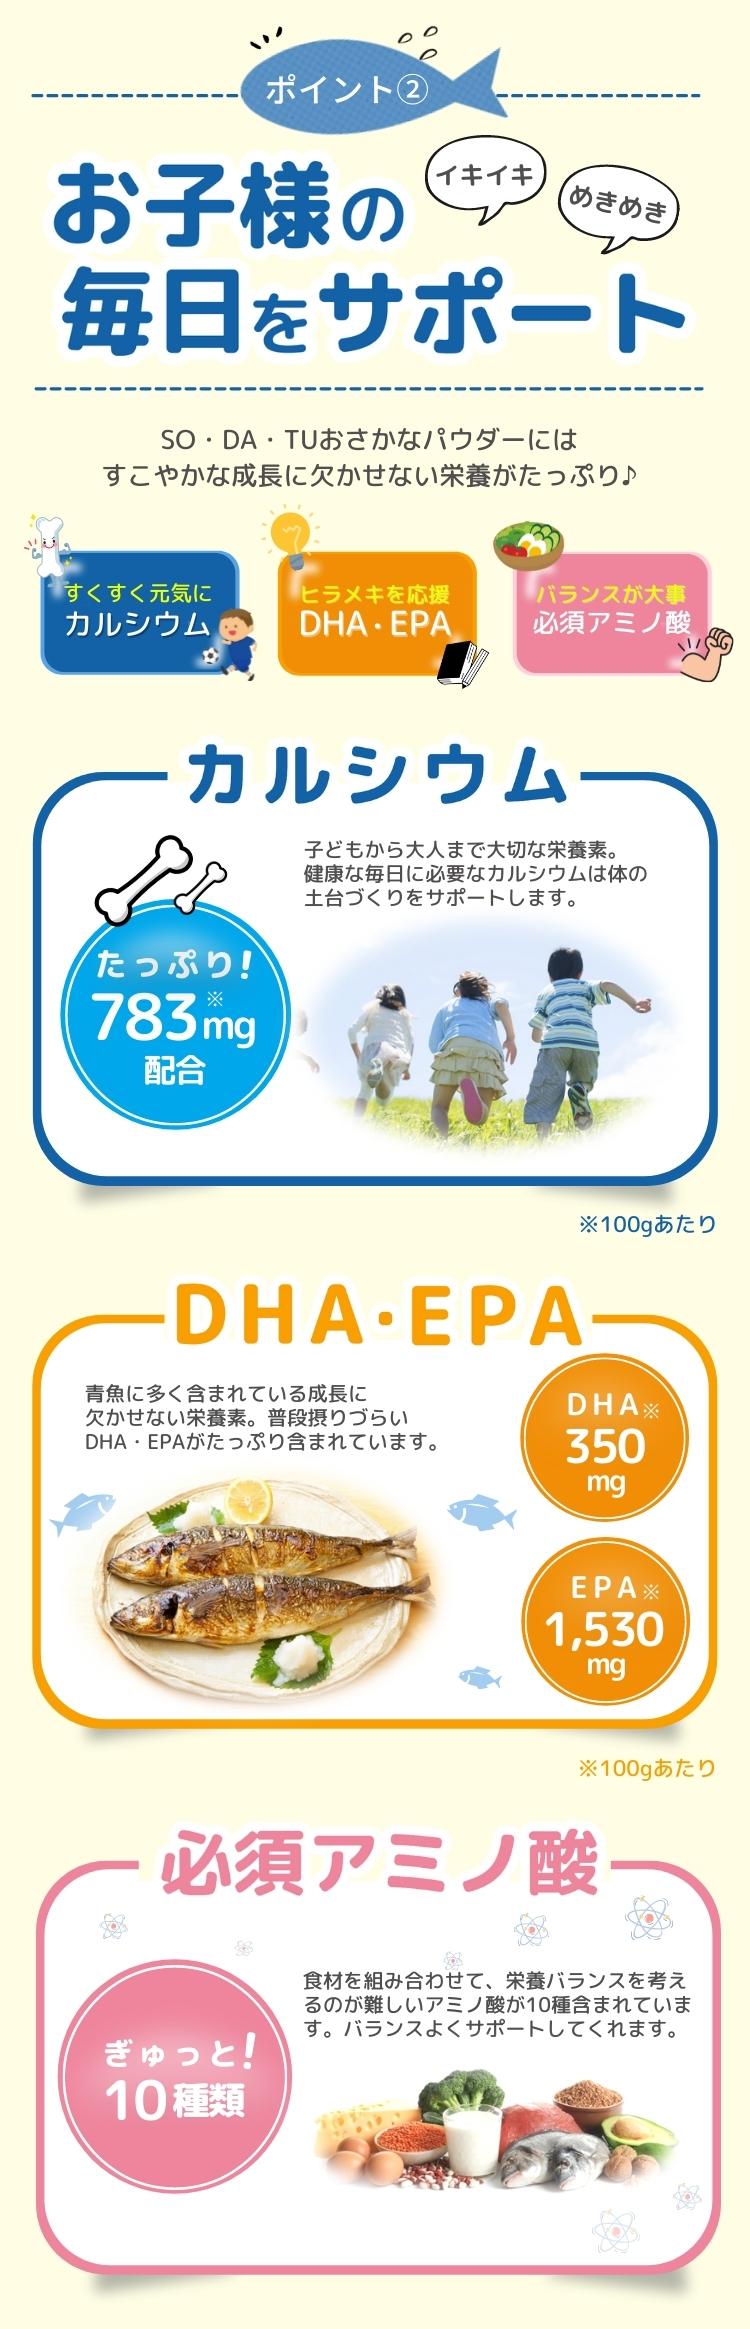 SO・DA・TU おさかなパウダーには栄養たっぷり カルシウム DHA・EPA 必須アミノ酸